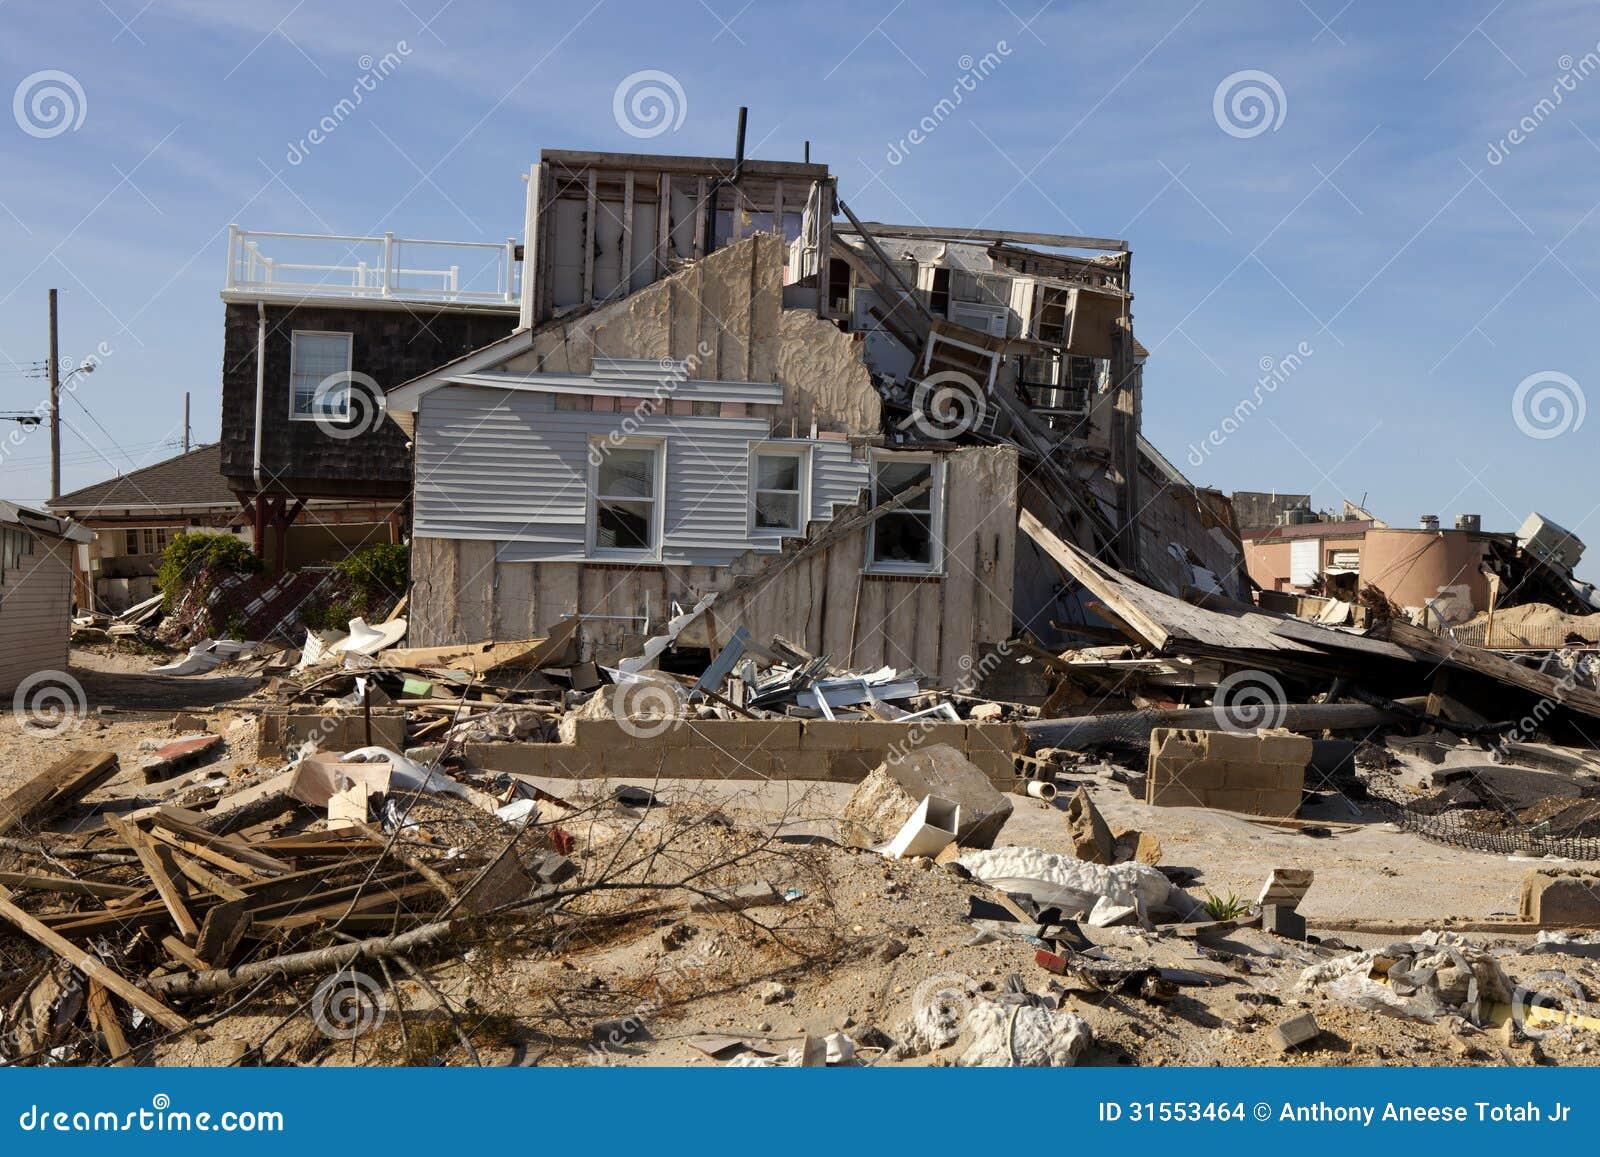 Hurricane Sandy Damage Stock Images Image 31553464